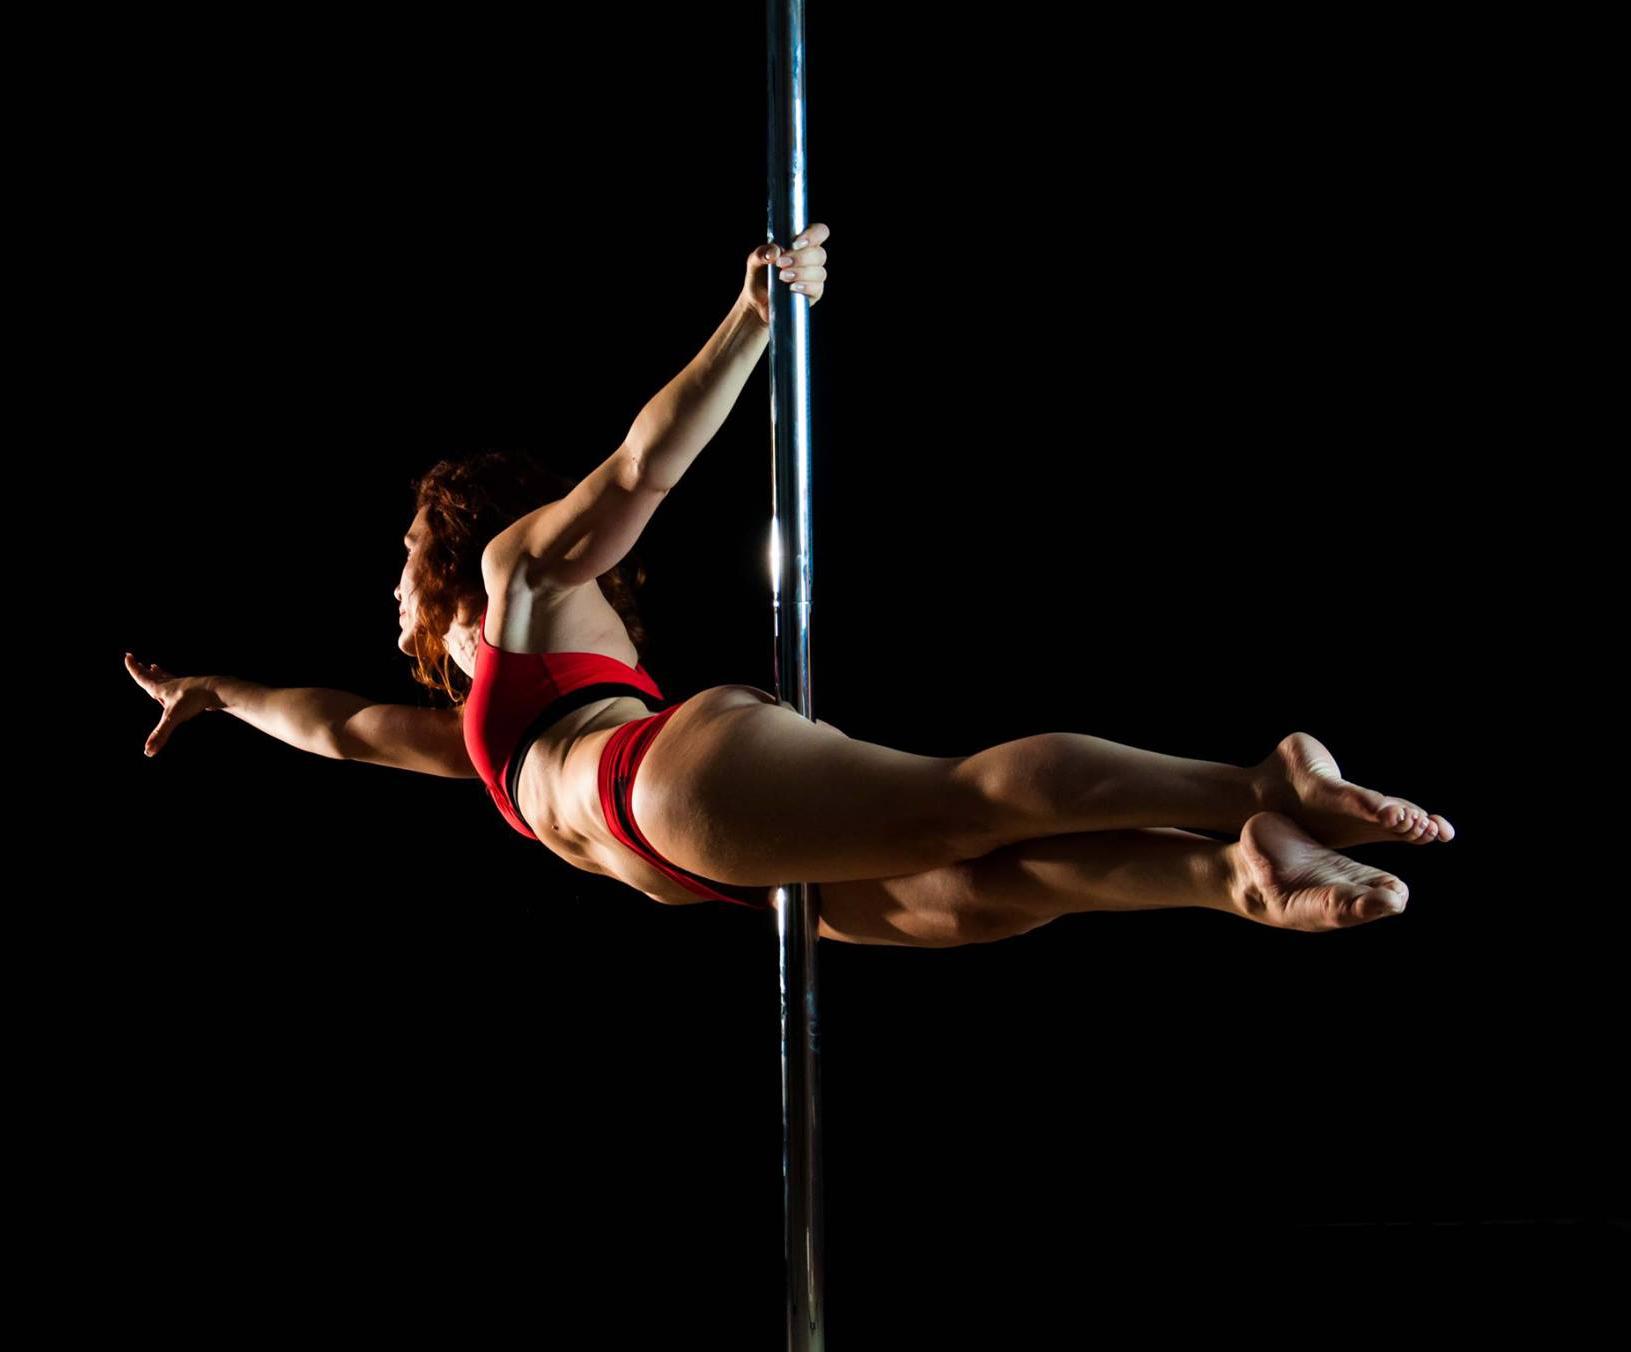 Pole Dance: fatica e positività, Roberta Lonardi e la ricetta per il benessere